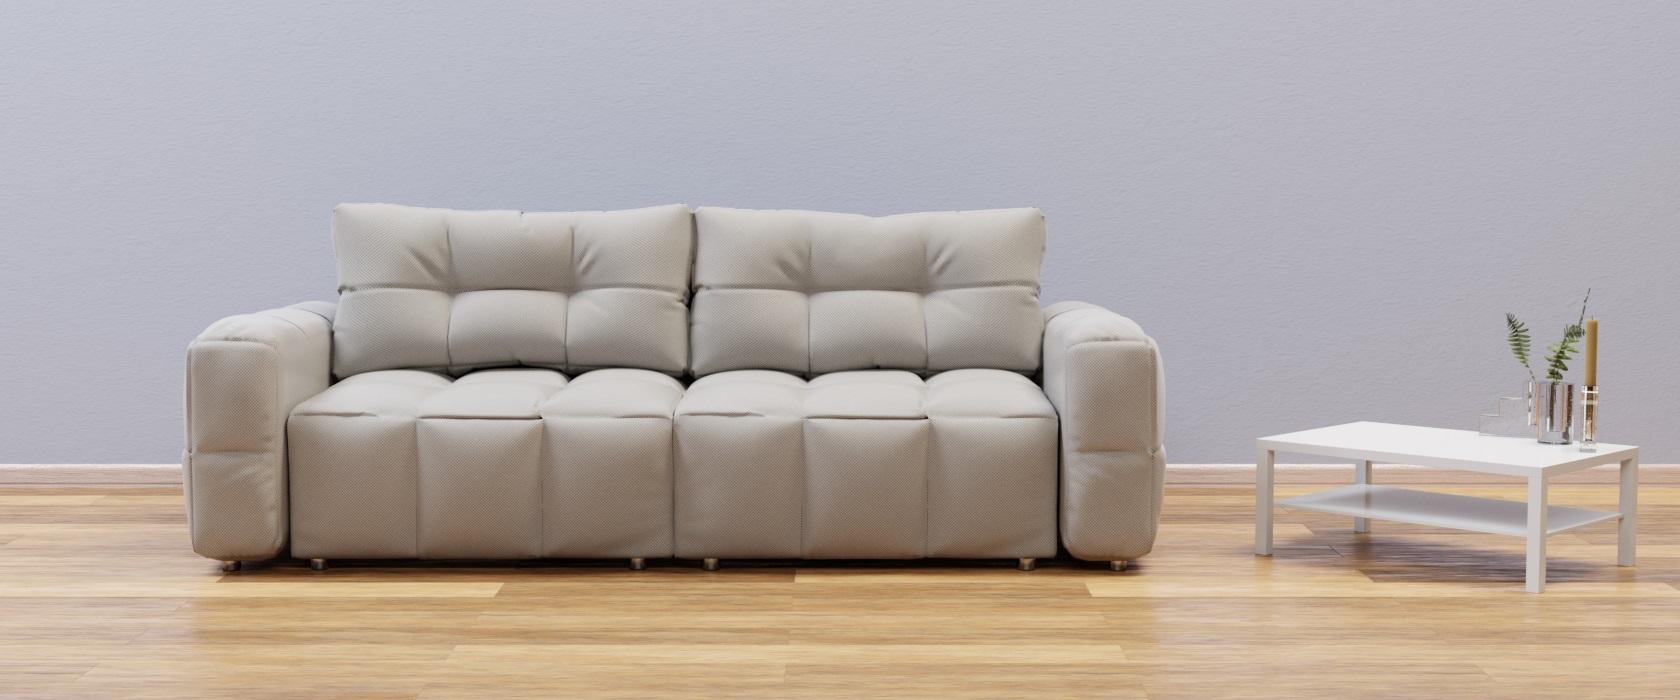 Тримісний диван Leonardo - Фото 2 - Pufetto